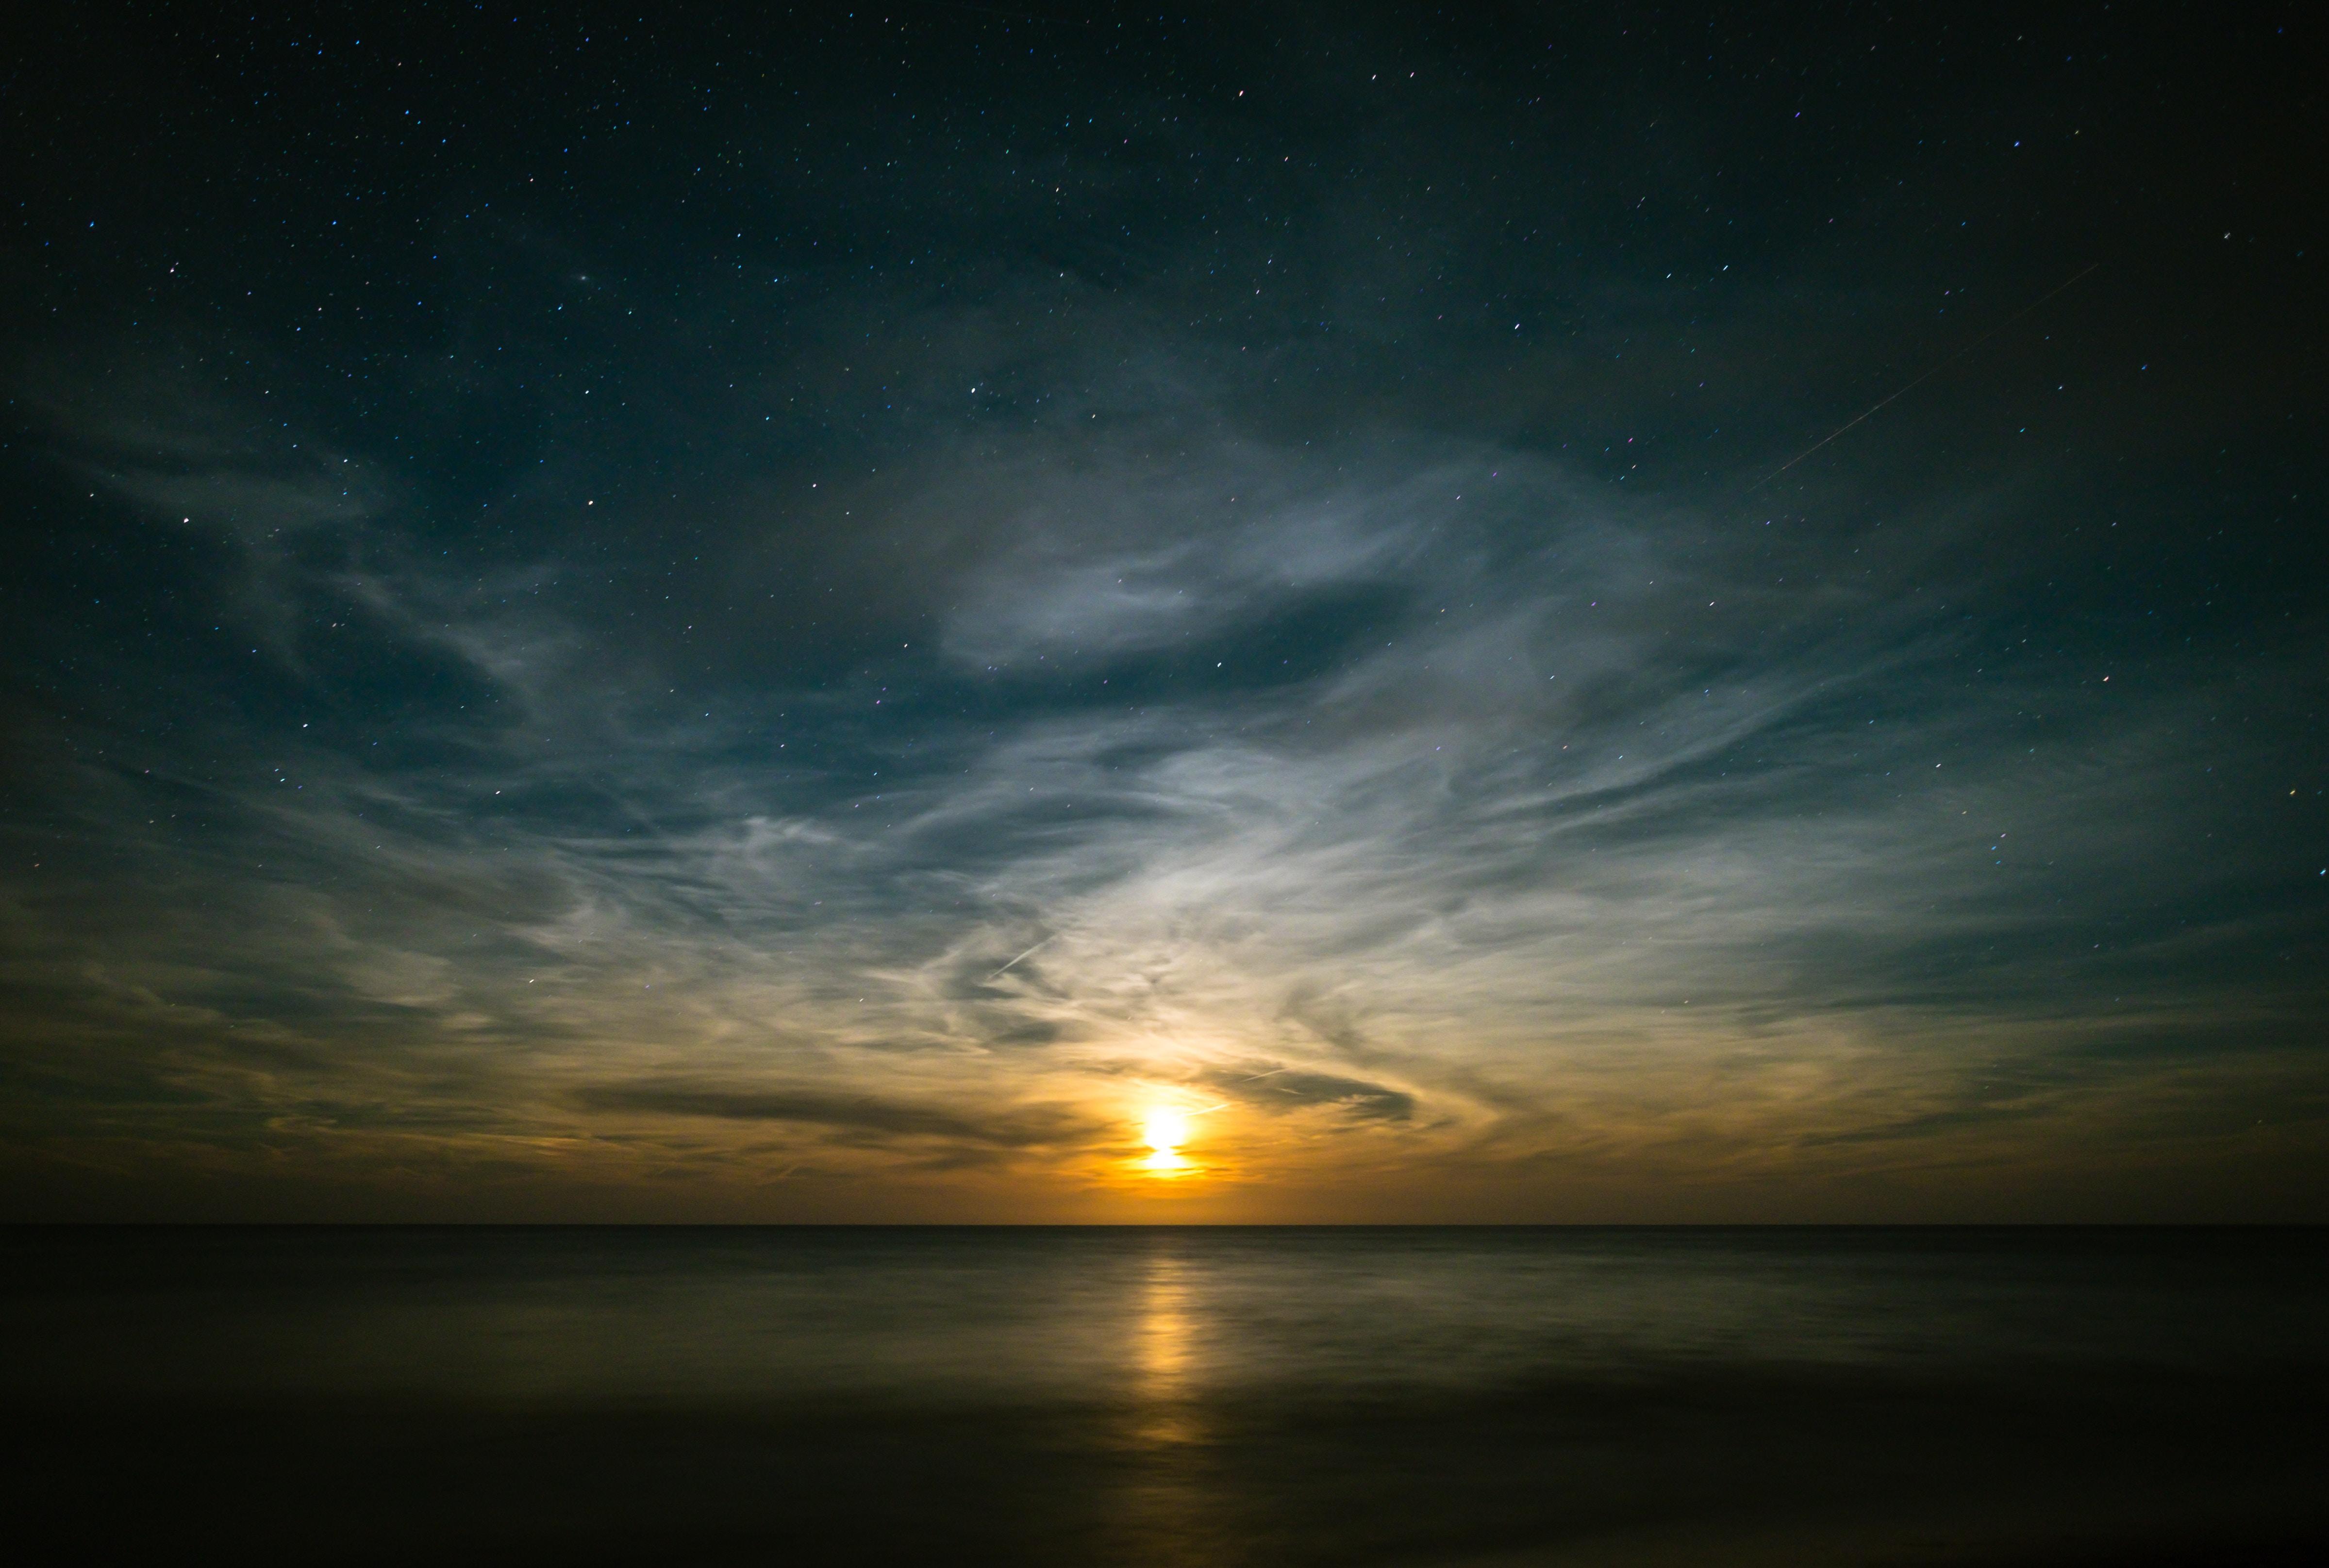 155486 fond d'écran 720x1280 sur votre téléphone gratuitement, téléchargez des images Nature, Coucher De Soleil, Sky, Horizon 720x1280 sur votre mobile